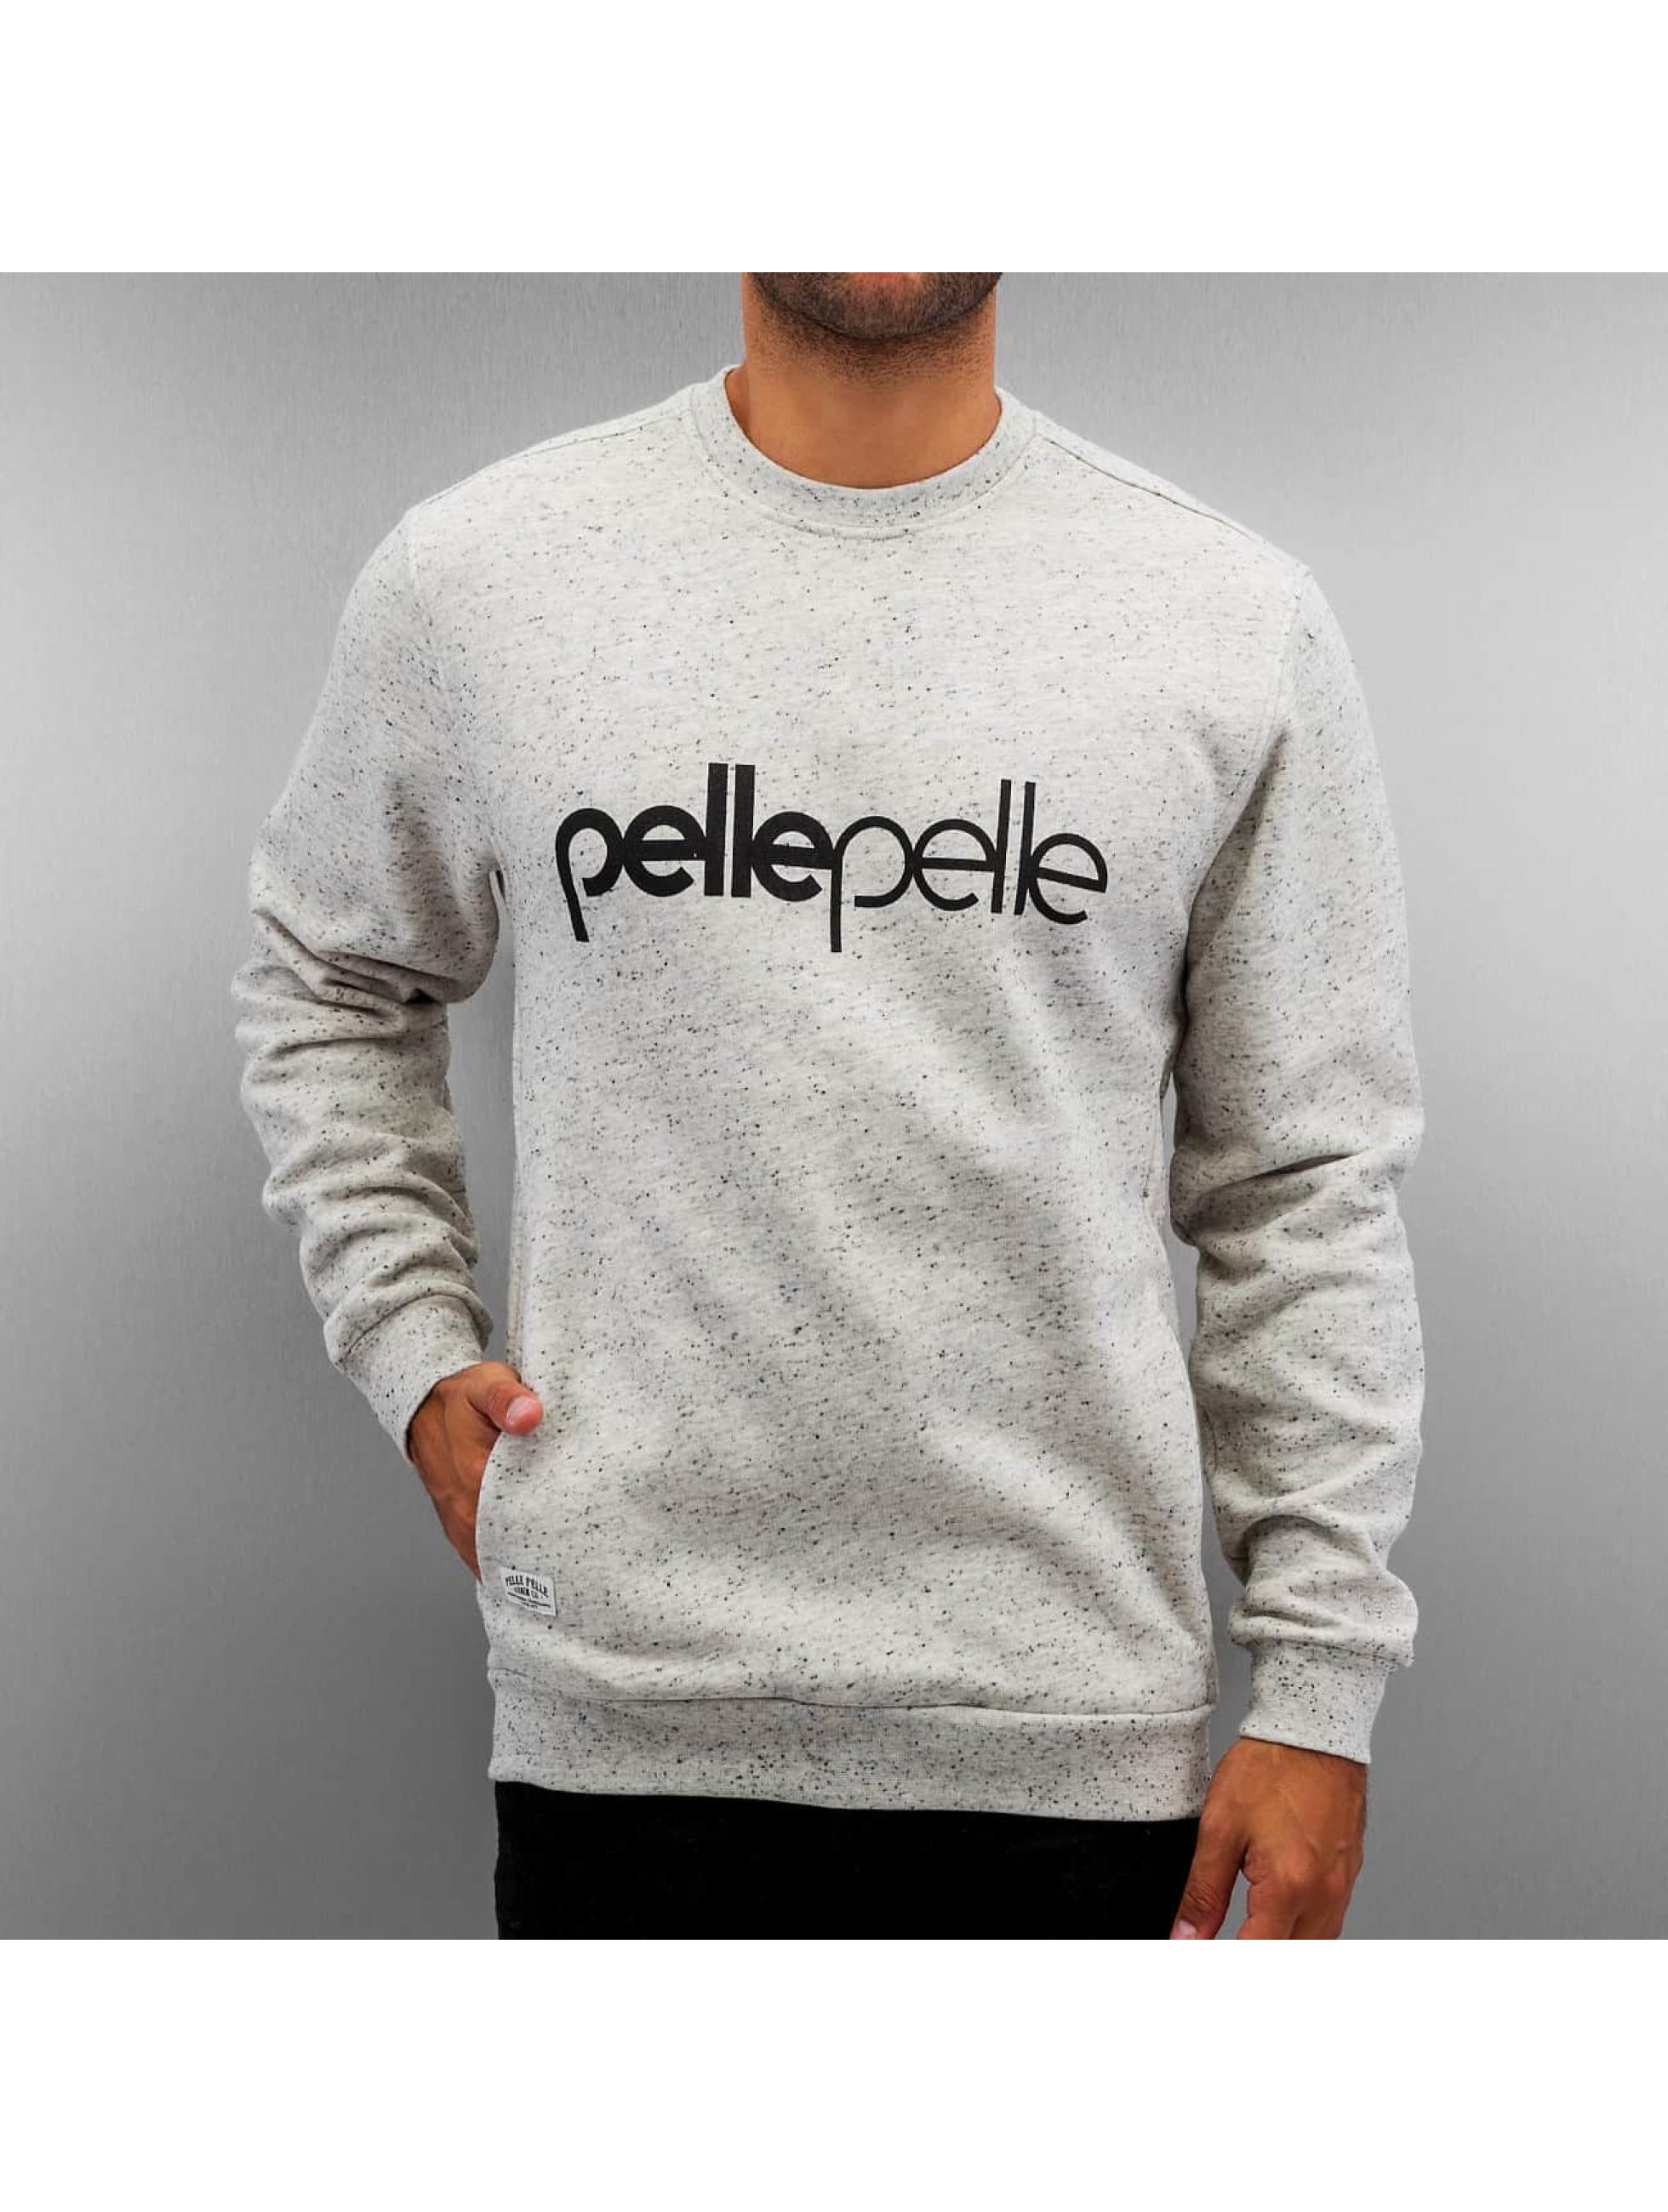 Pelle Pelle Swetry Back 2 The Basics szary